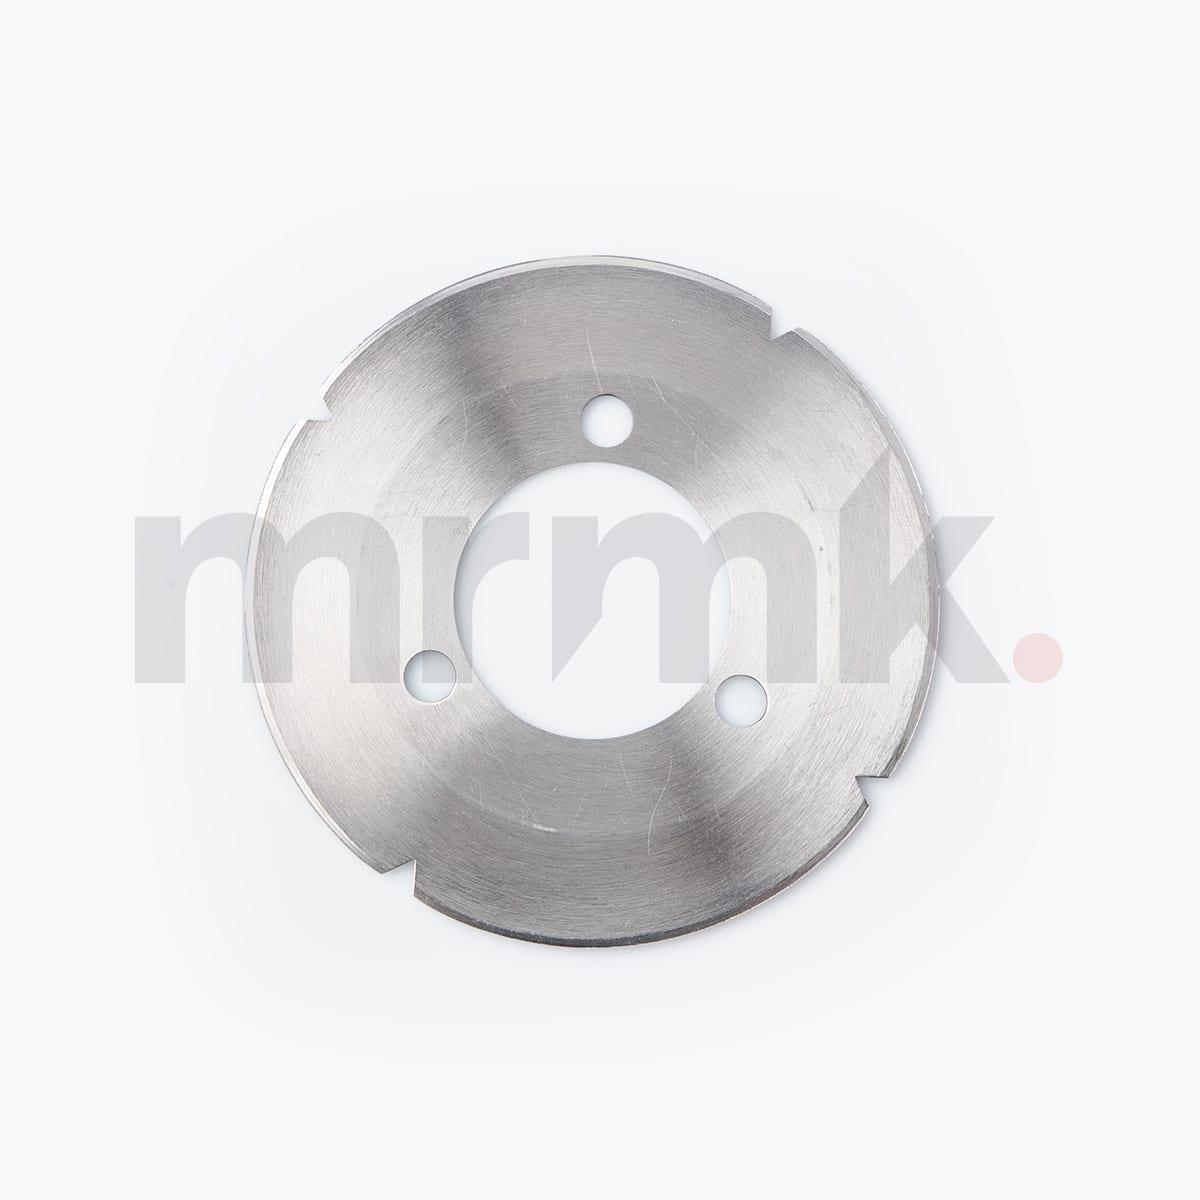 Tiromat CFS GEA Compatible Circular Knife